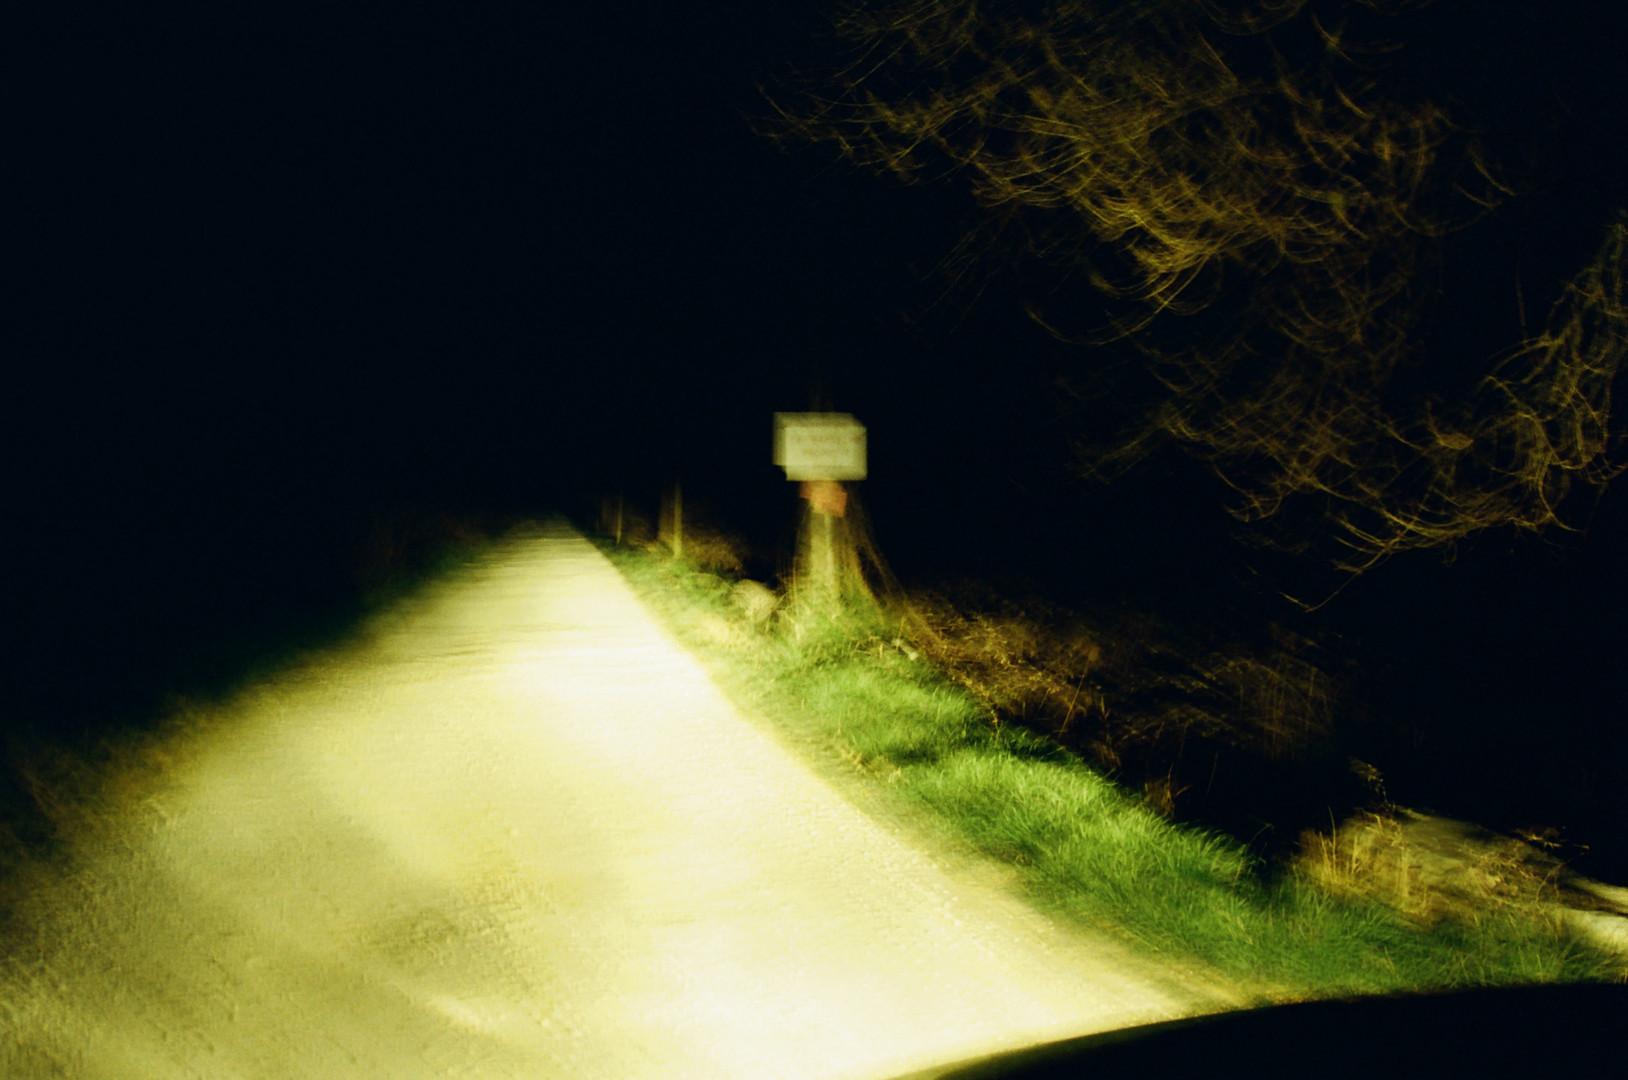 Chemin de campagne éclairé depuis une voiture de nuit, flou